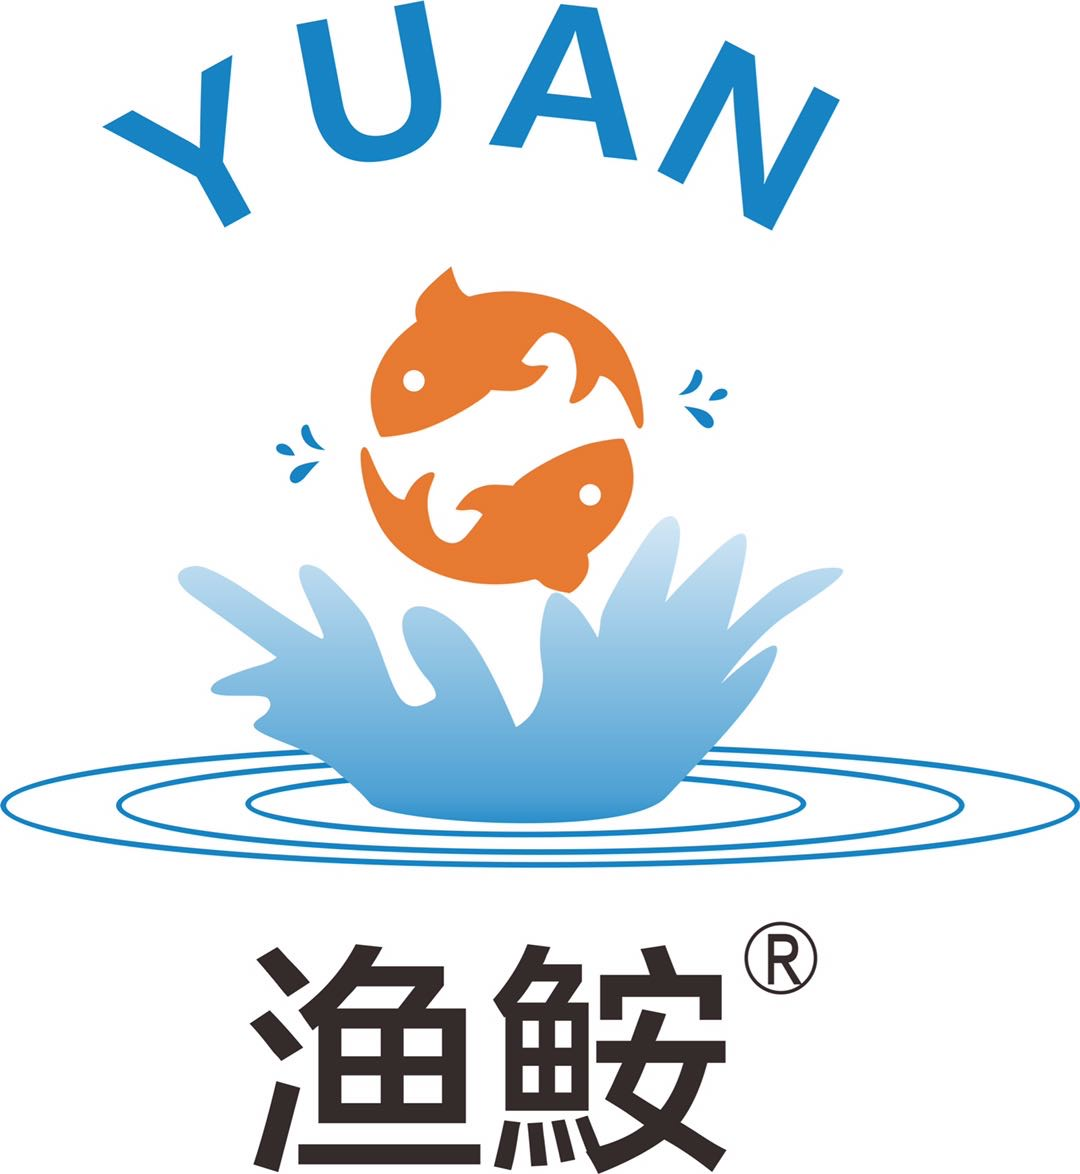 新乡市景鑫商贸有限公司(渔安)